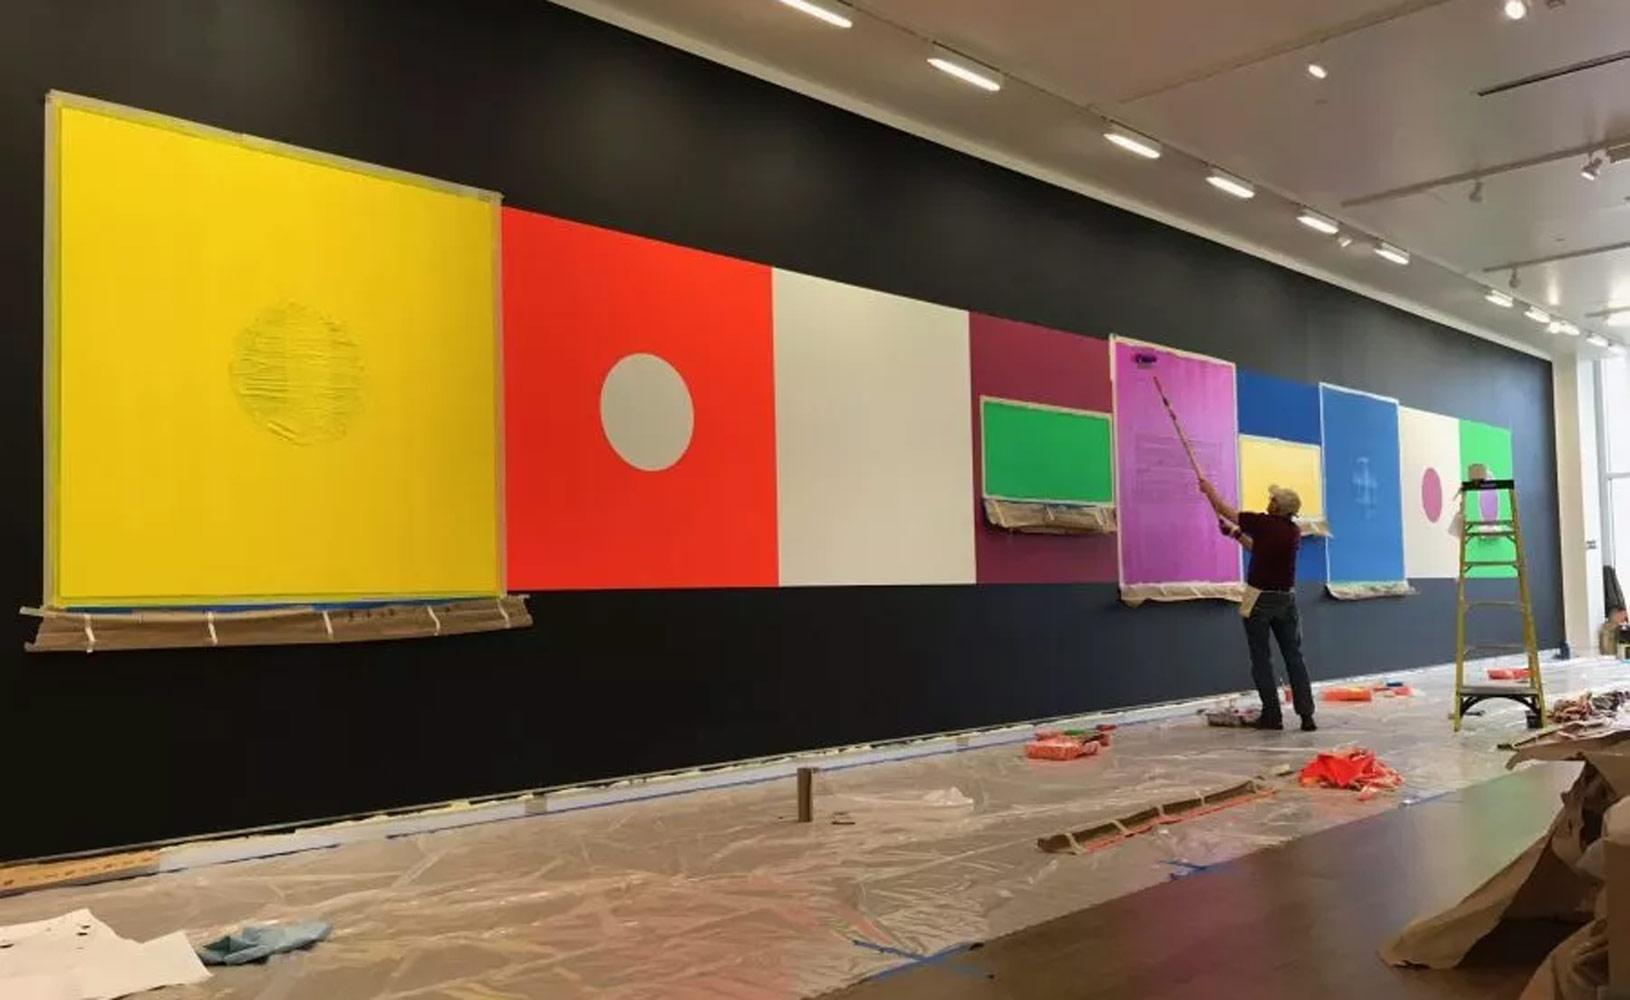 沉浸式的藝術裝置,詮釋光與色彩之美